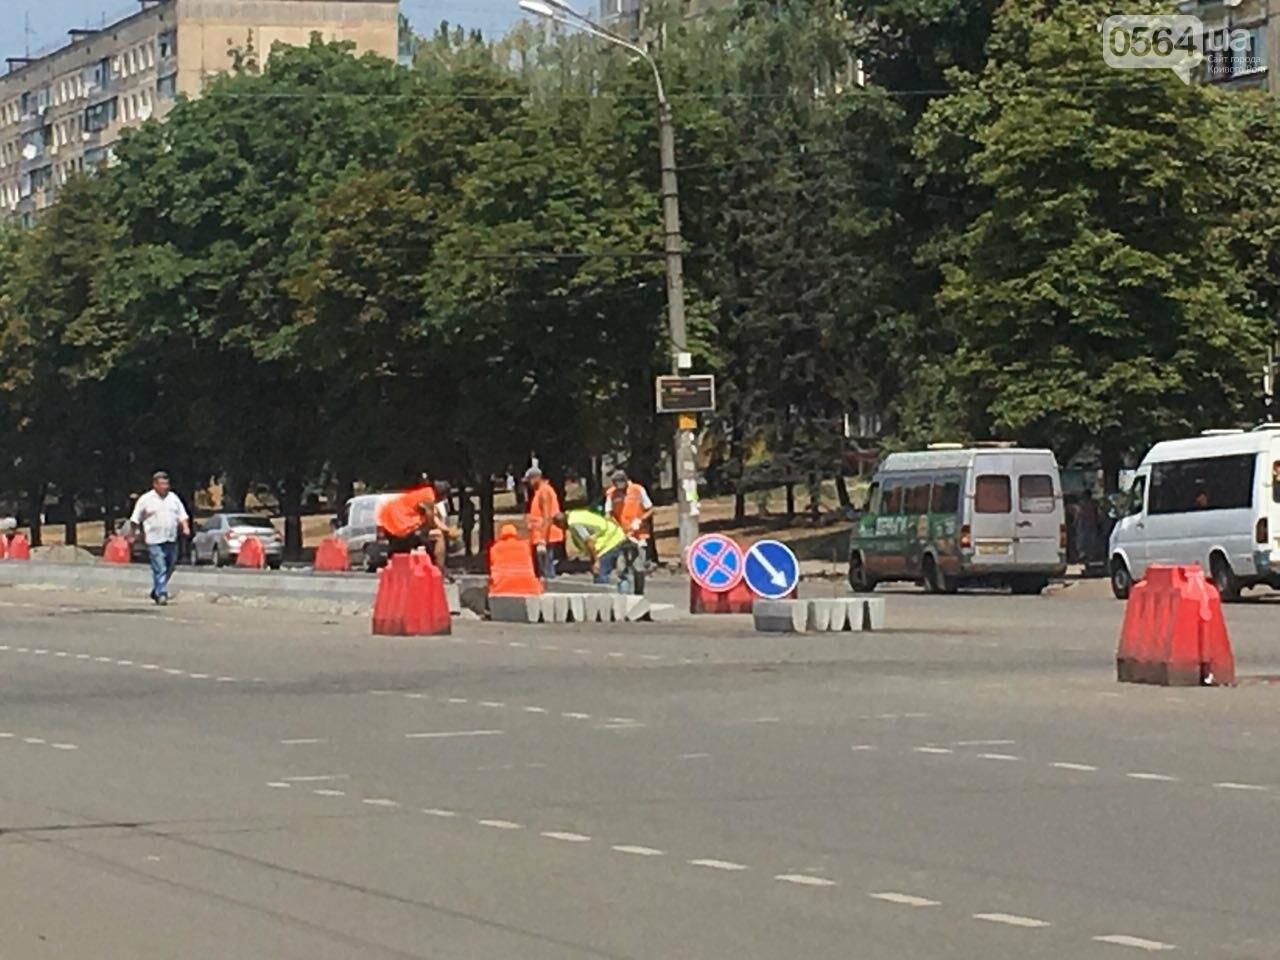 С сегодняшнего дня на центральном проспекте Кривого Рога отменены 3 остановки и запрещена парковка, - ФОТО, фото-6